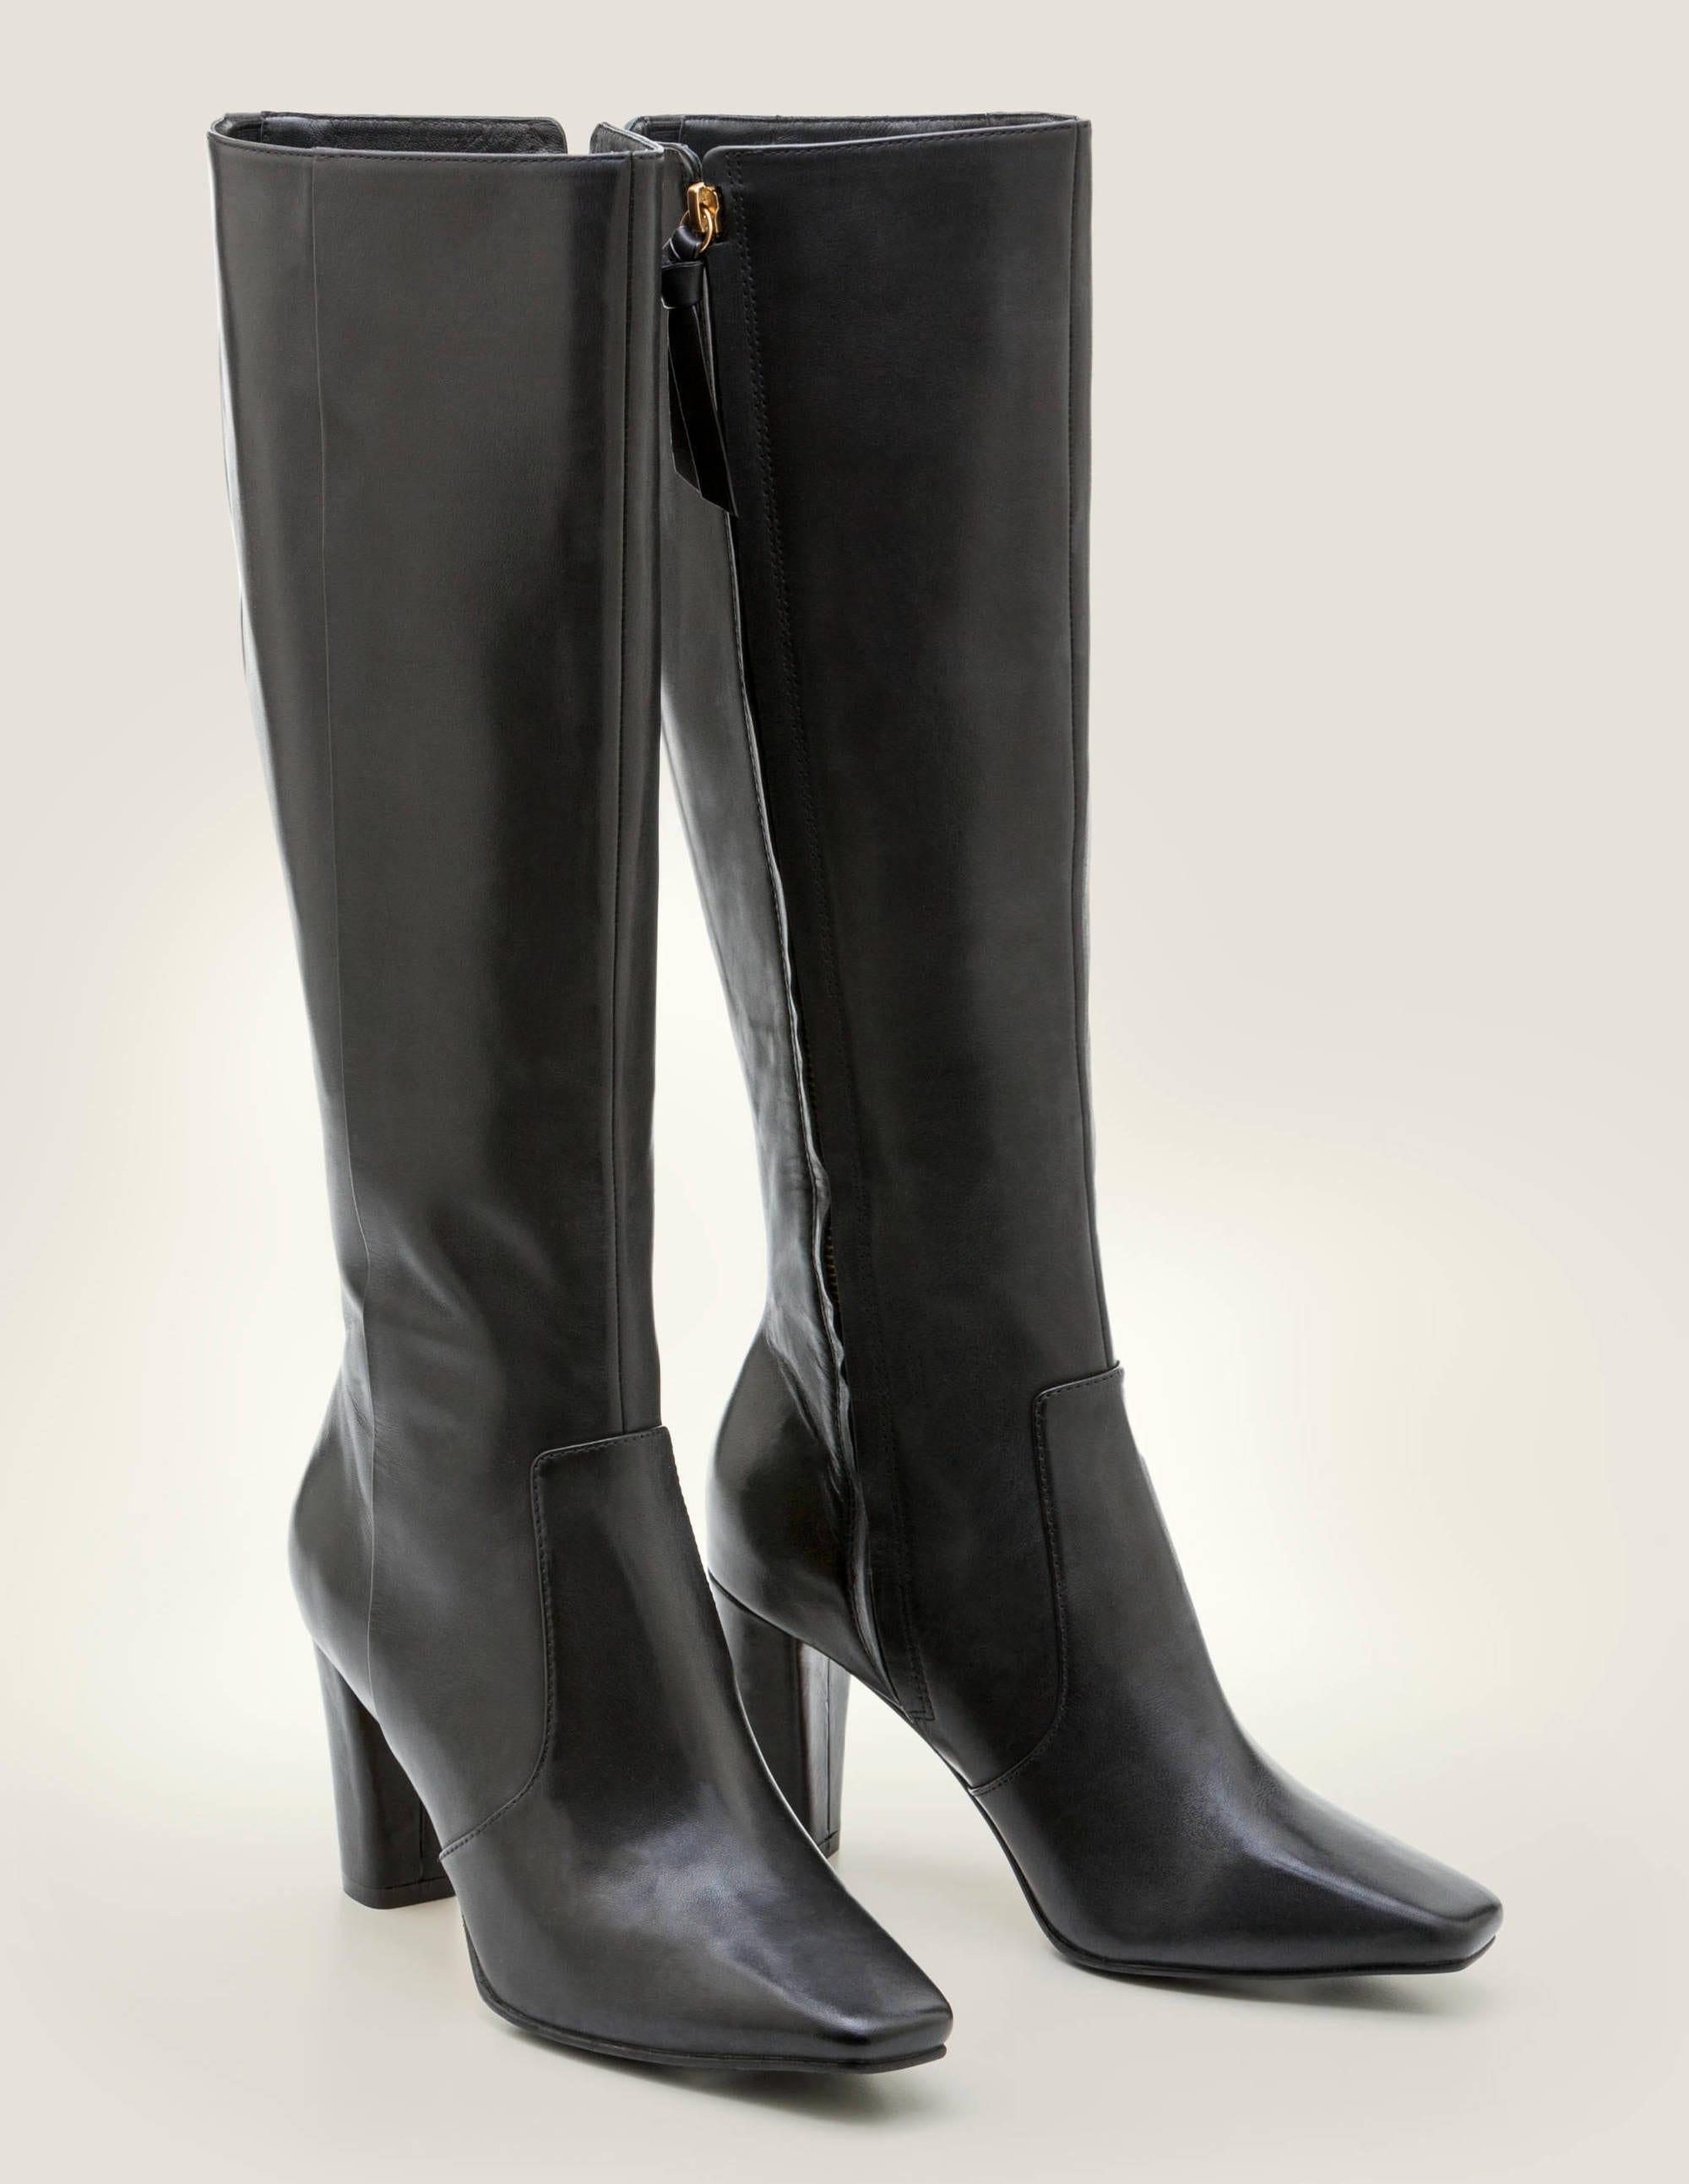 Waveney Knee High Boots - Black | Boden UK